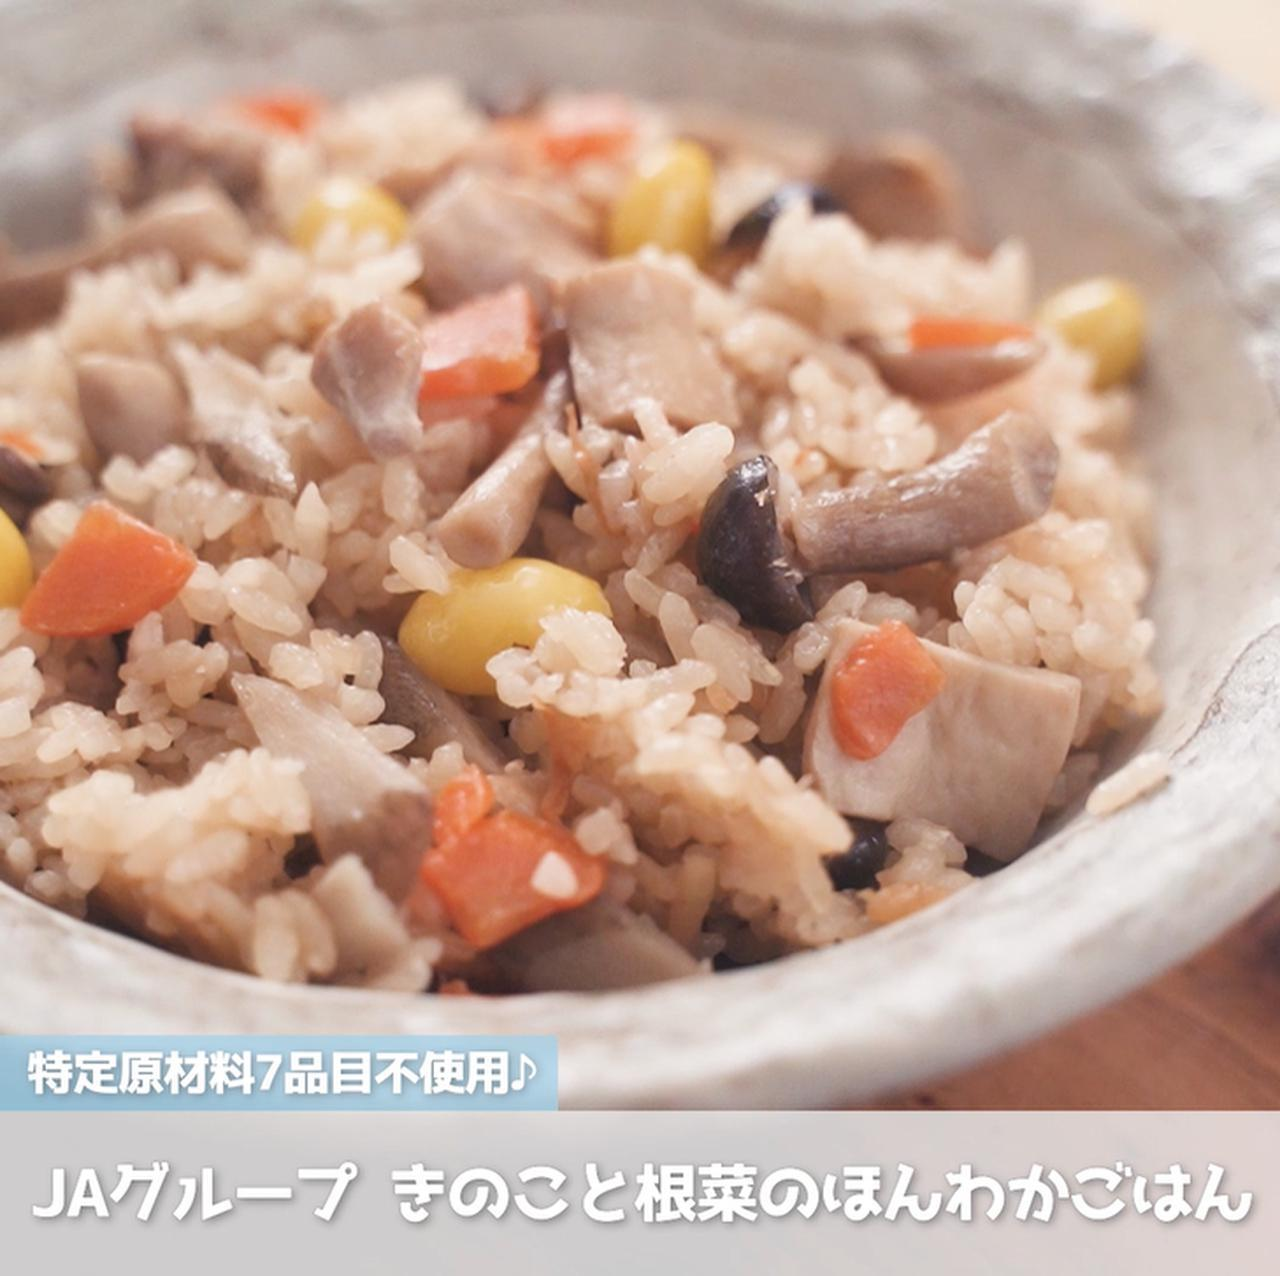 画像: きのこと根菜の炊き込みご飯 - 君とごはん